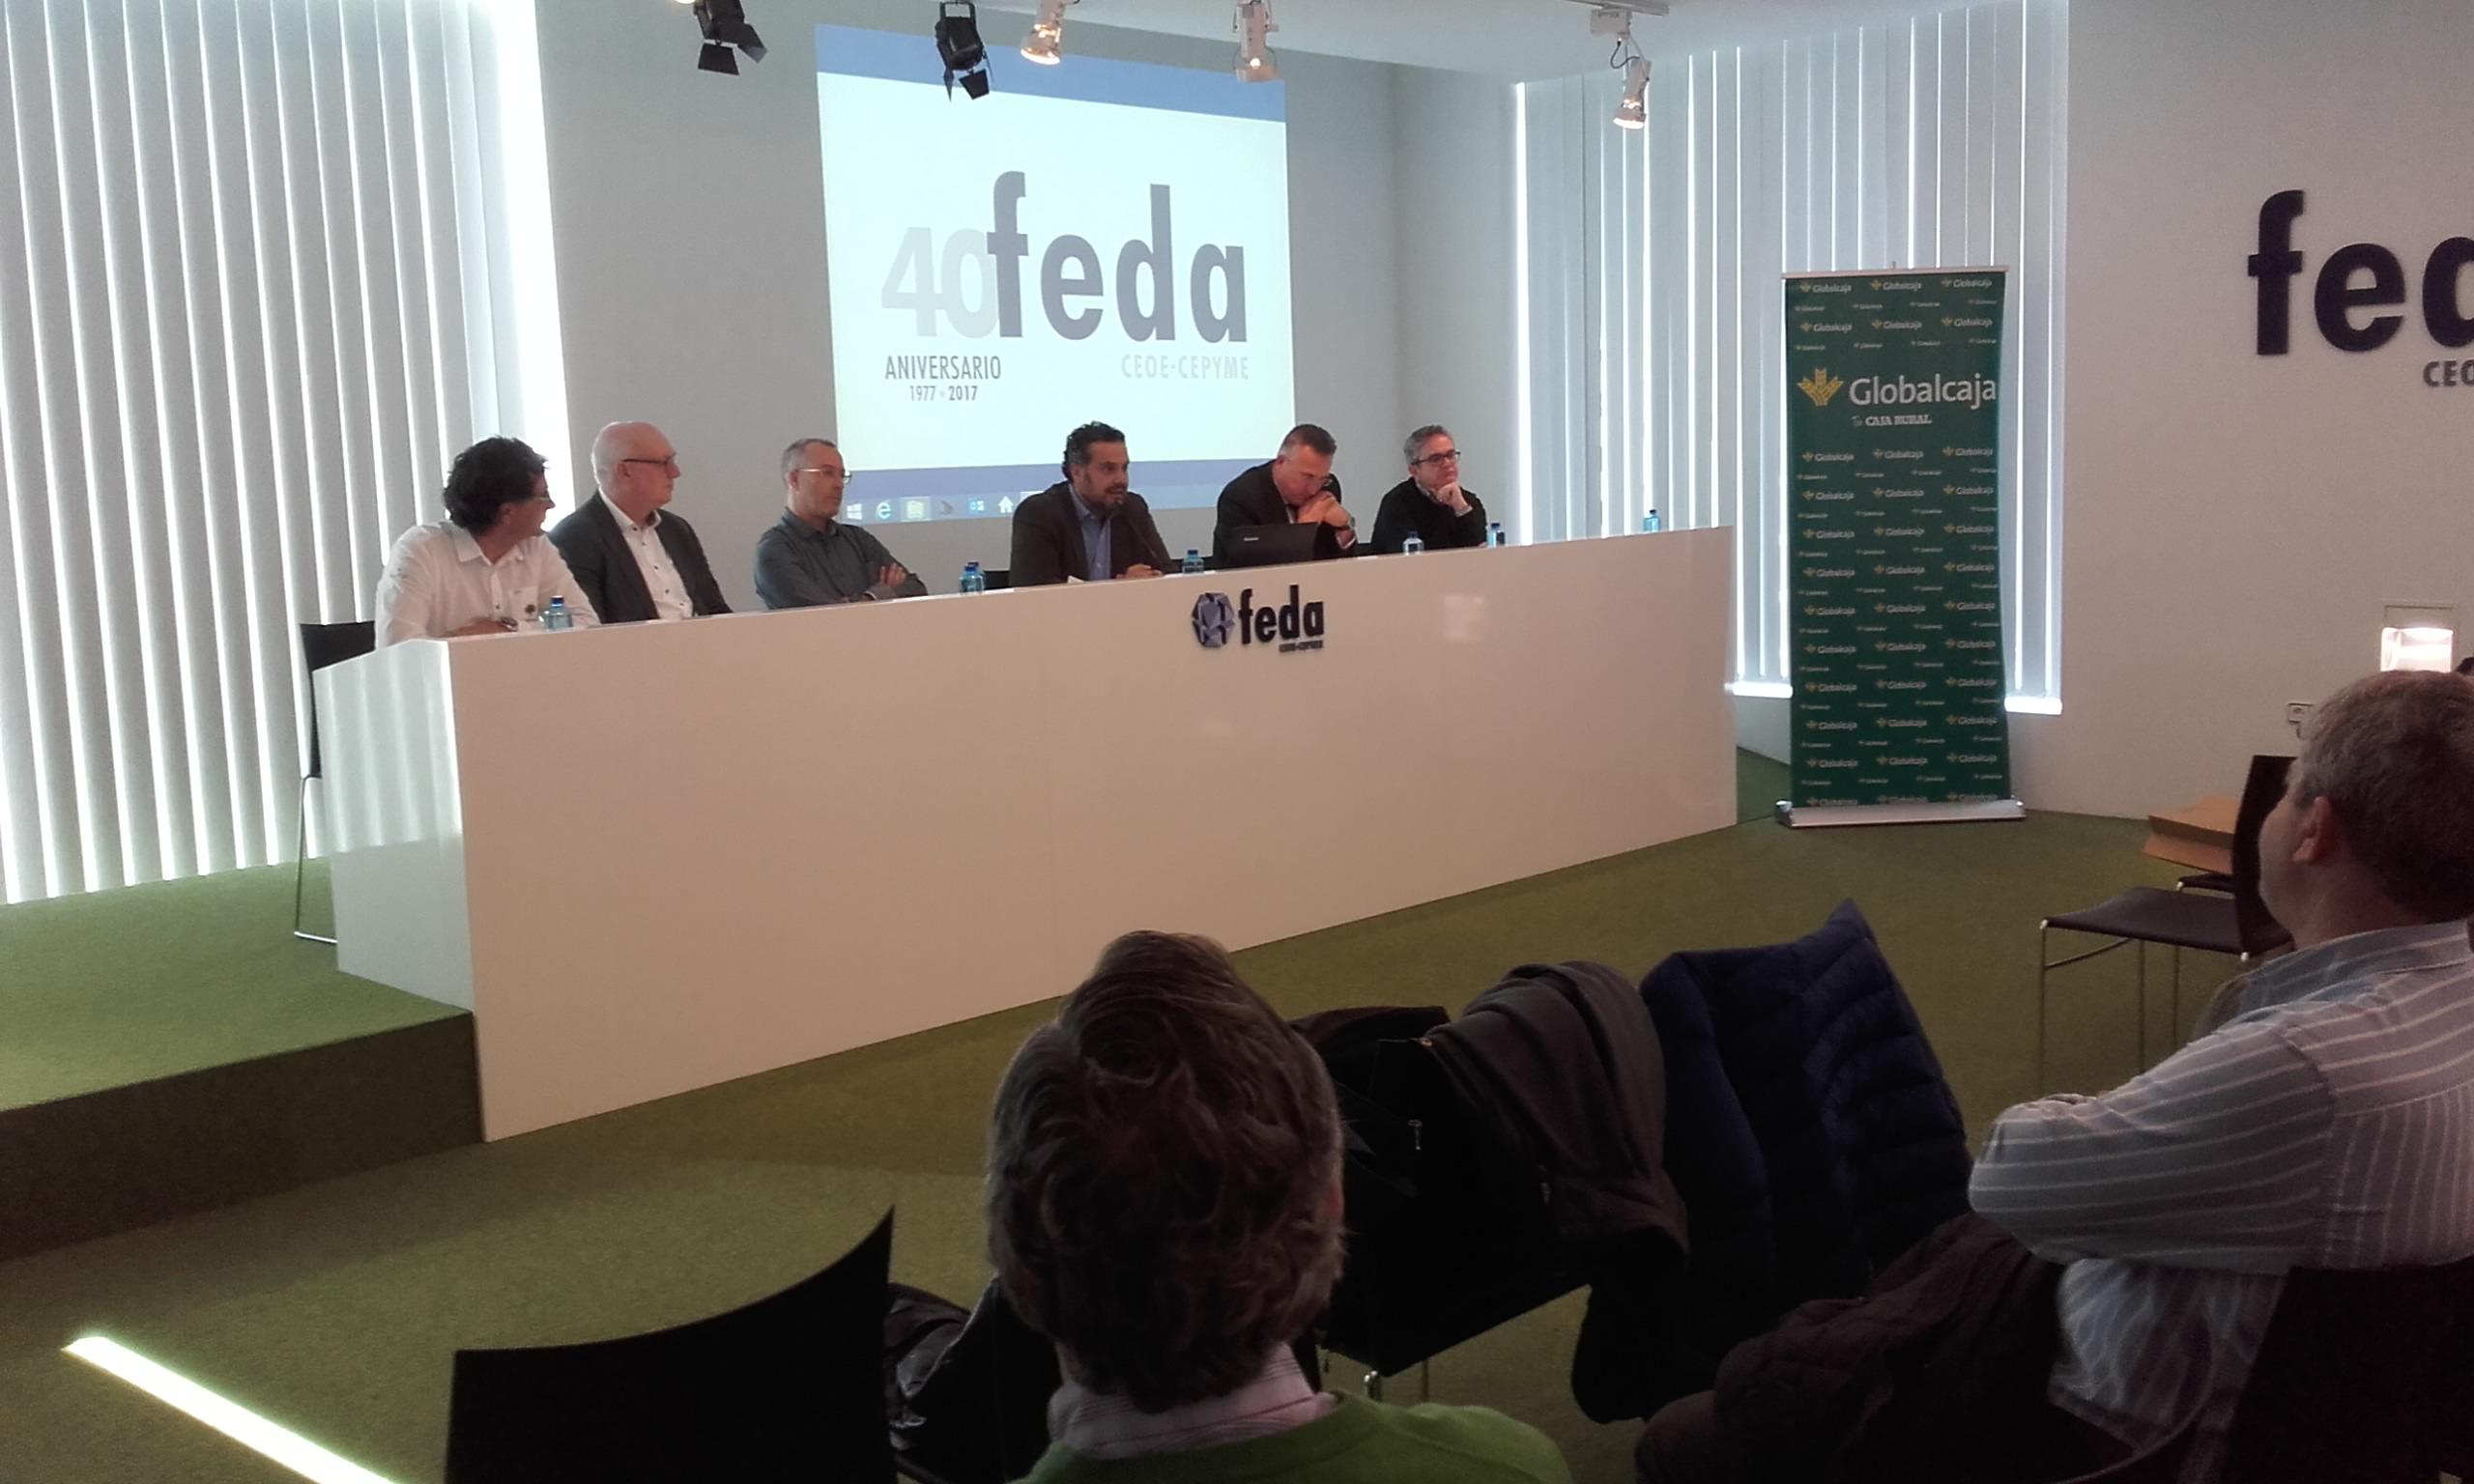 Castilla-La Mancha reafirma su apuesta por el cultivo ecológico del almendro en la provincia de Albacete